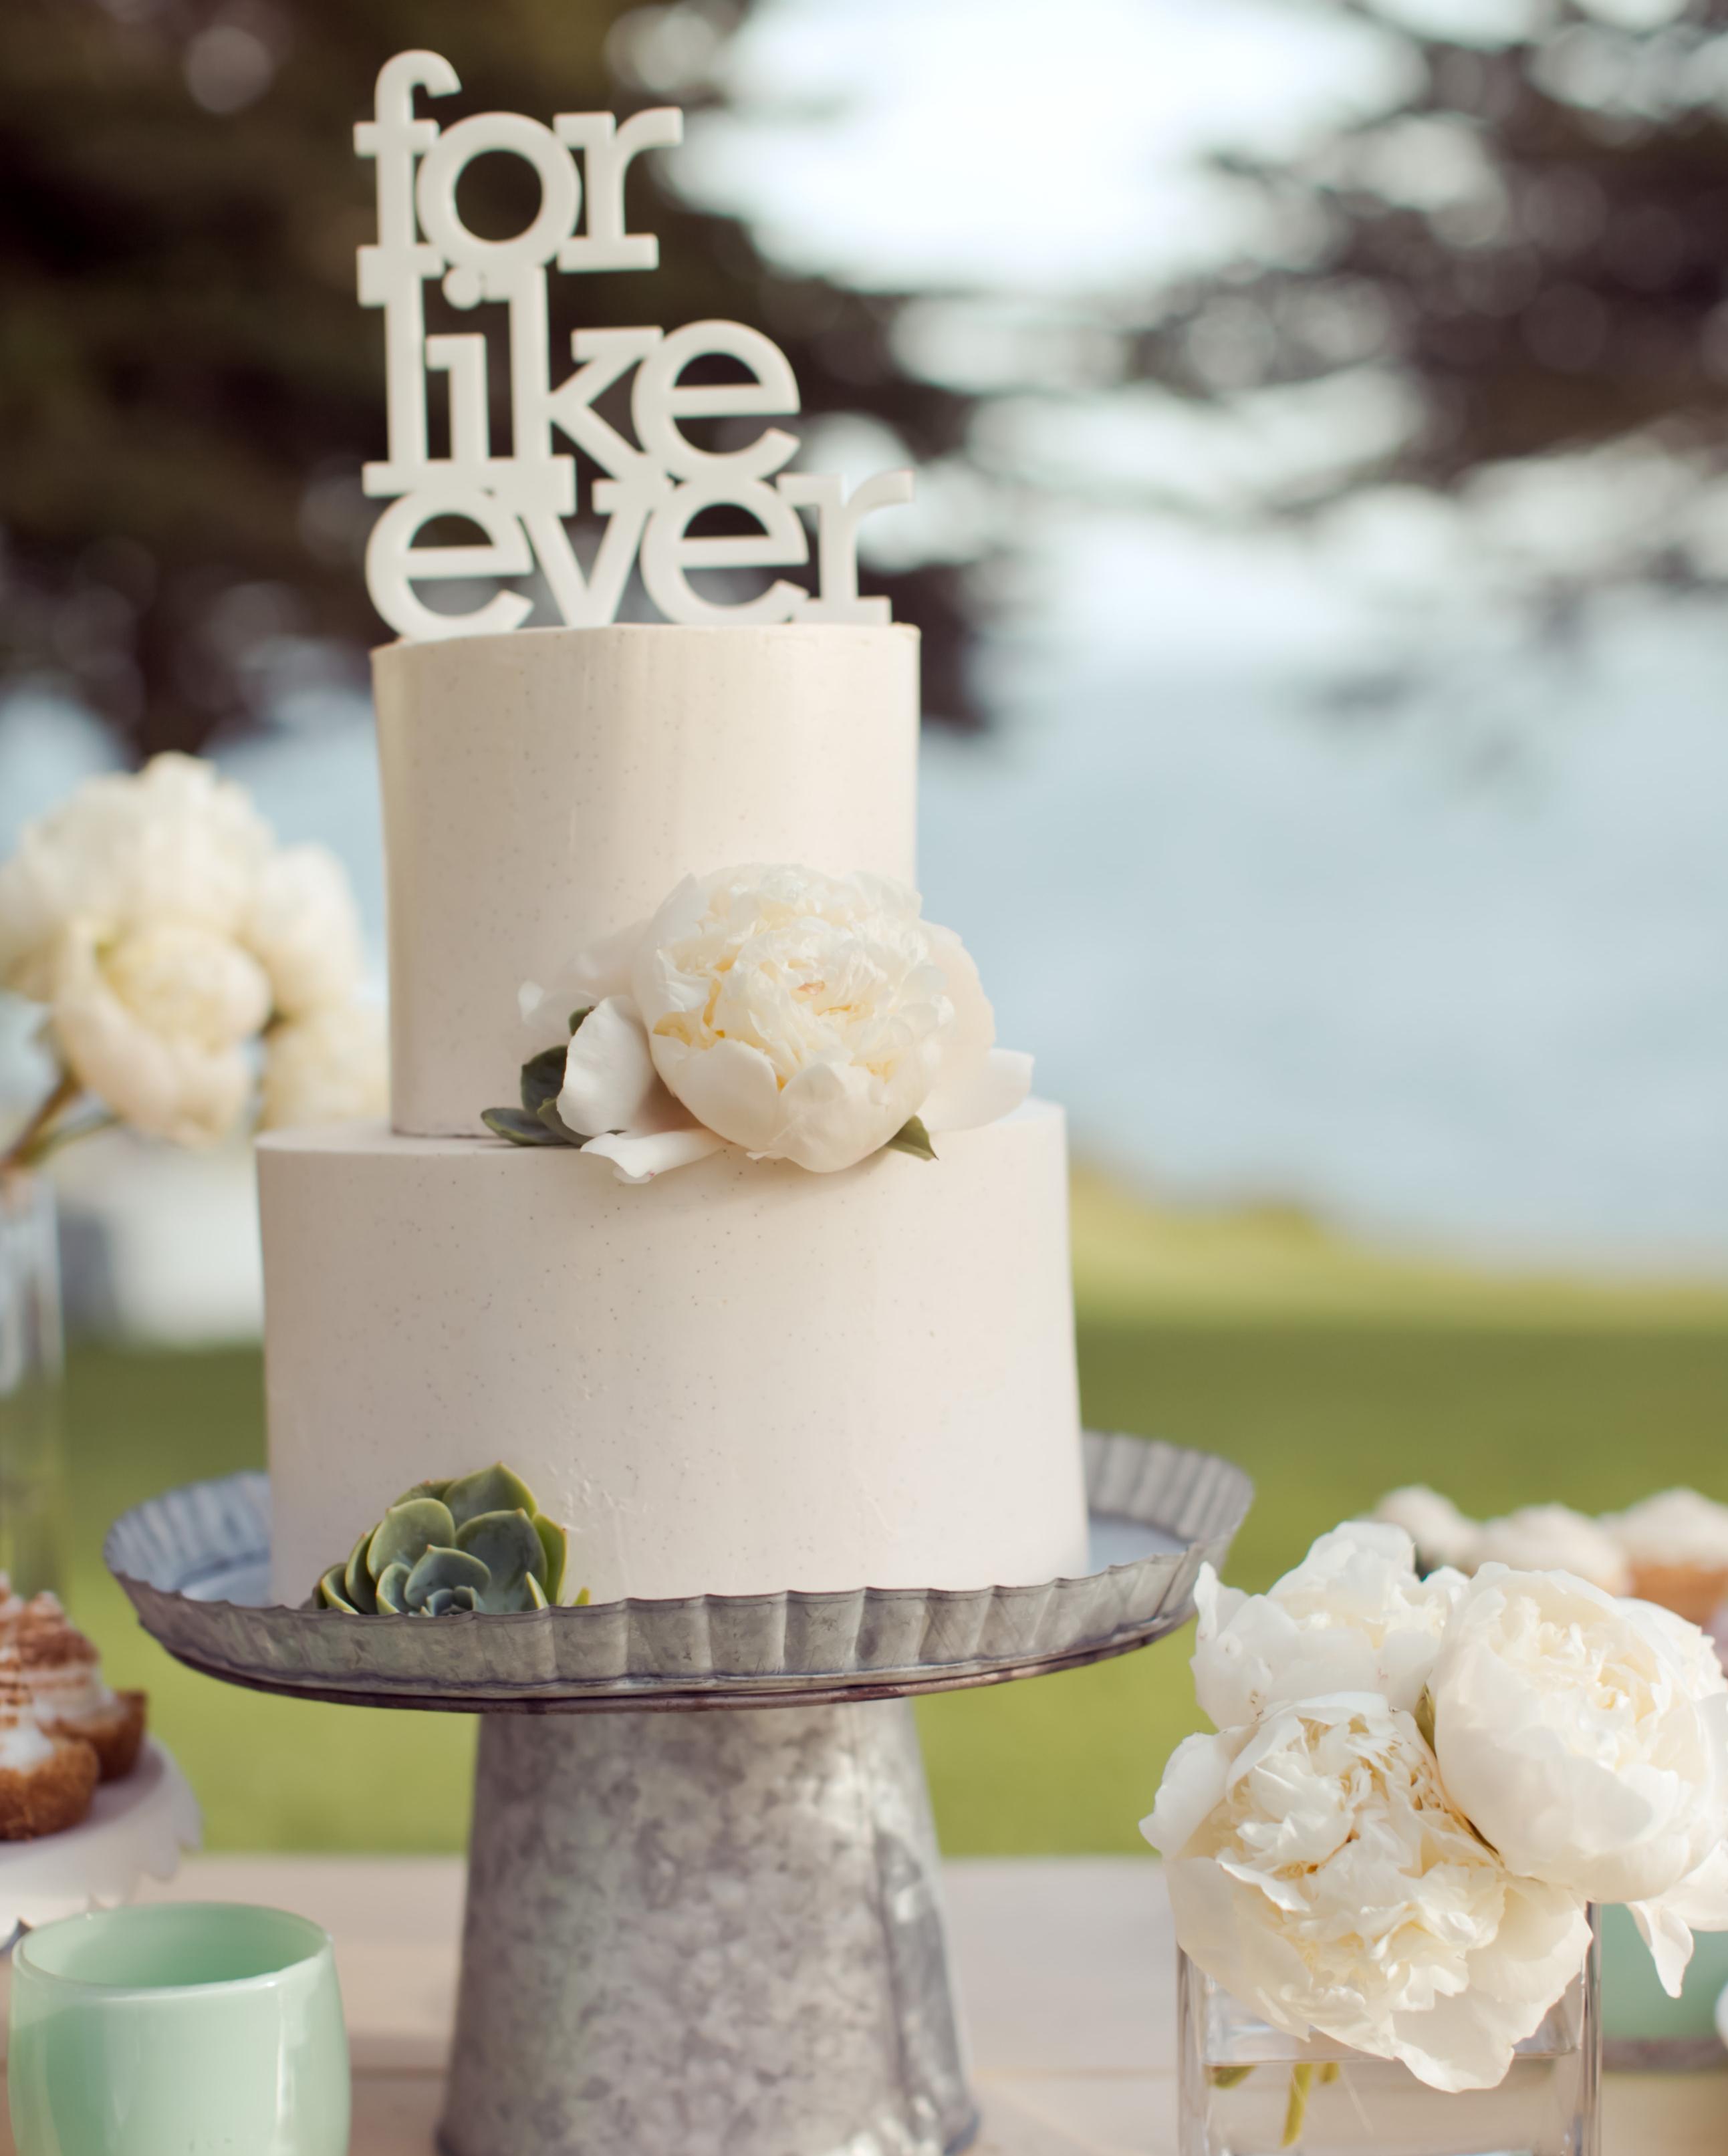 emma-michelle-wedding-cake-1081-s112079-0715.jpg